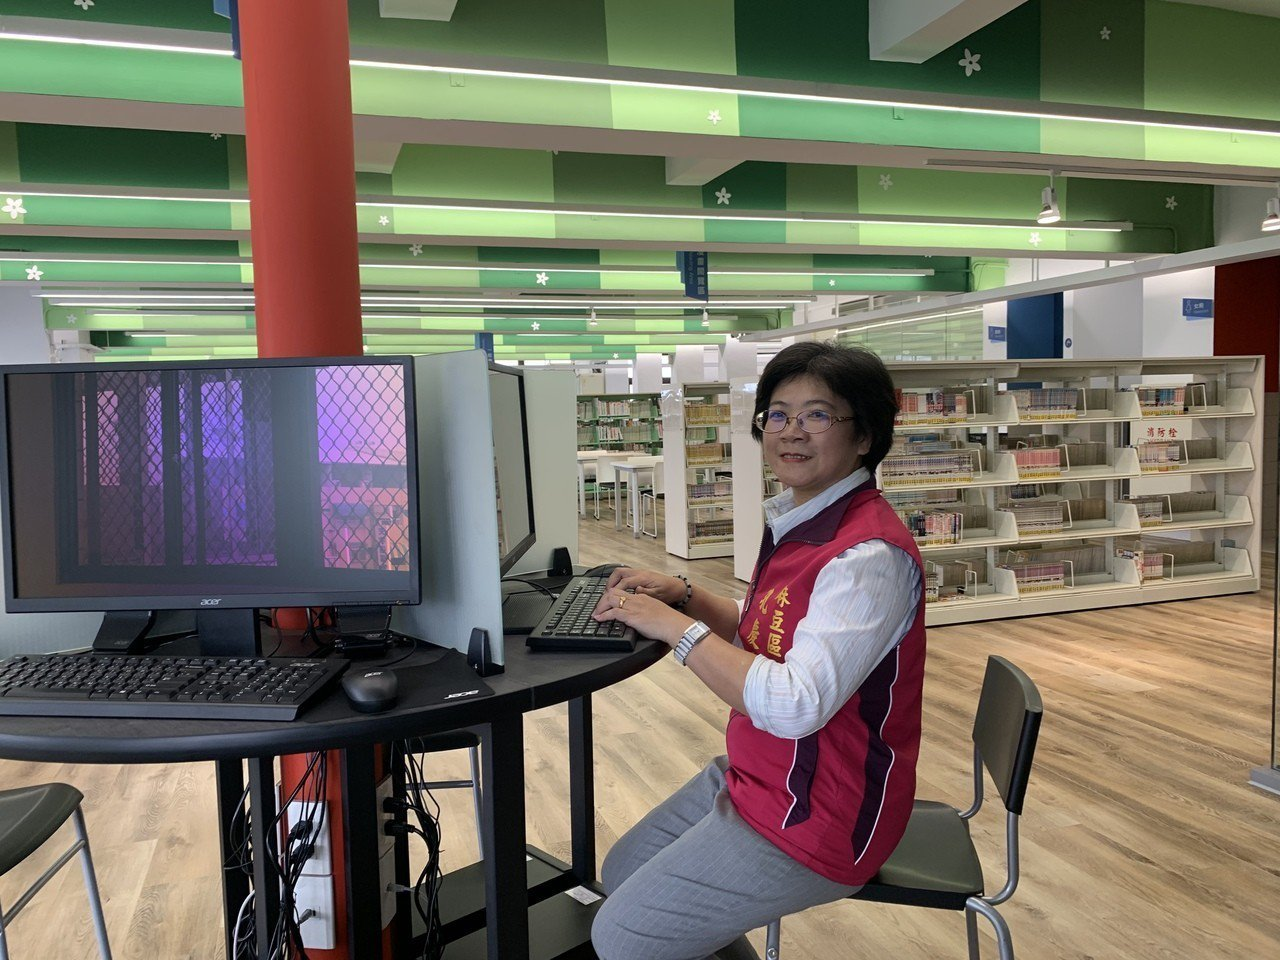 台南市麻豆區圖書館四樓青少年區有電腦等多媒體設備。記者吳淑玲/攝影